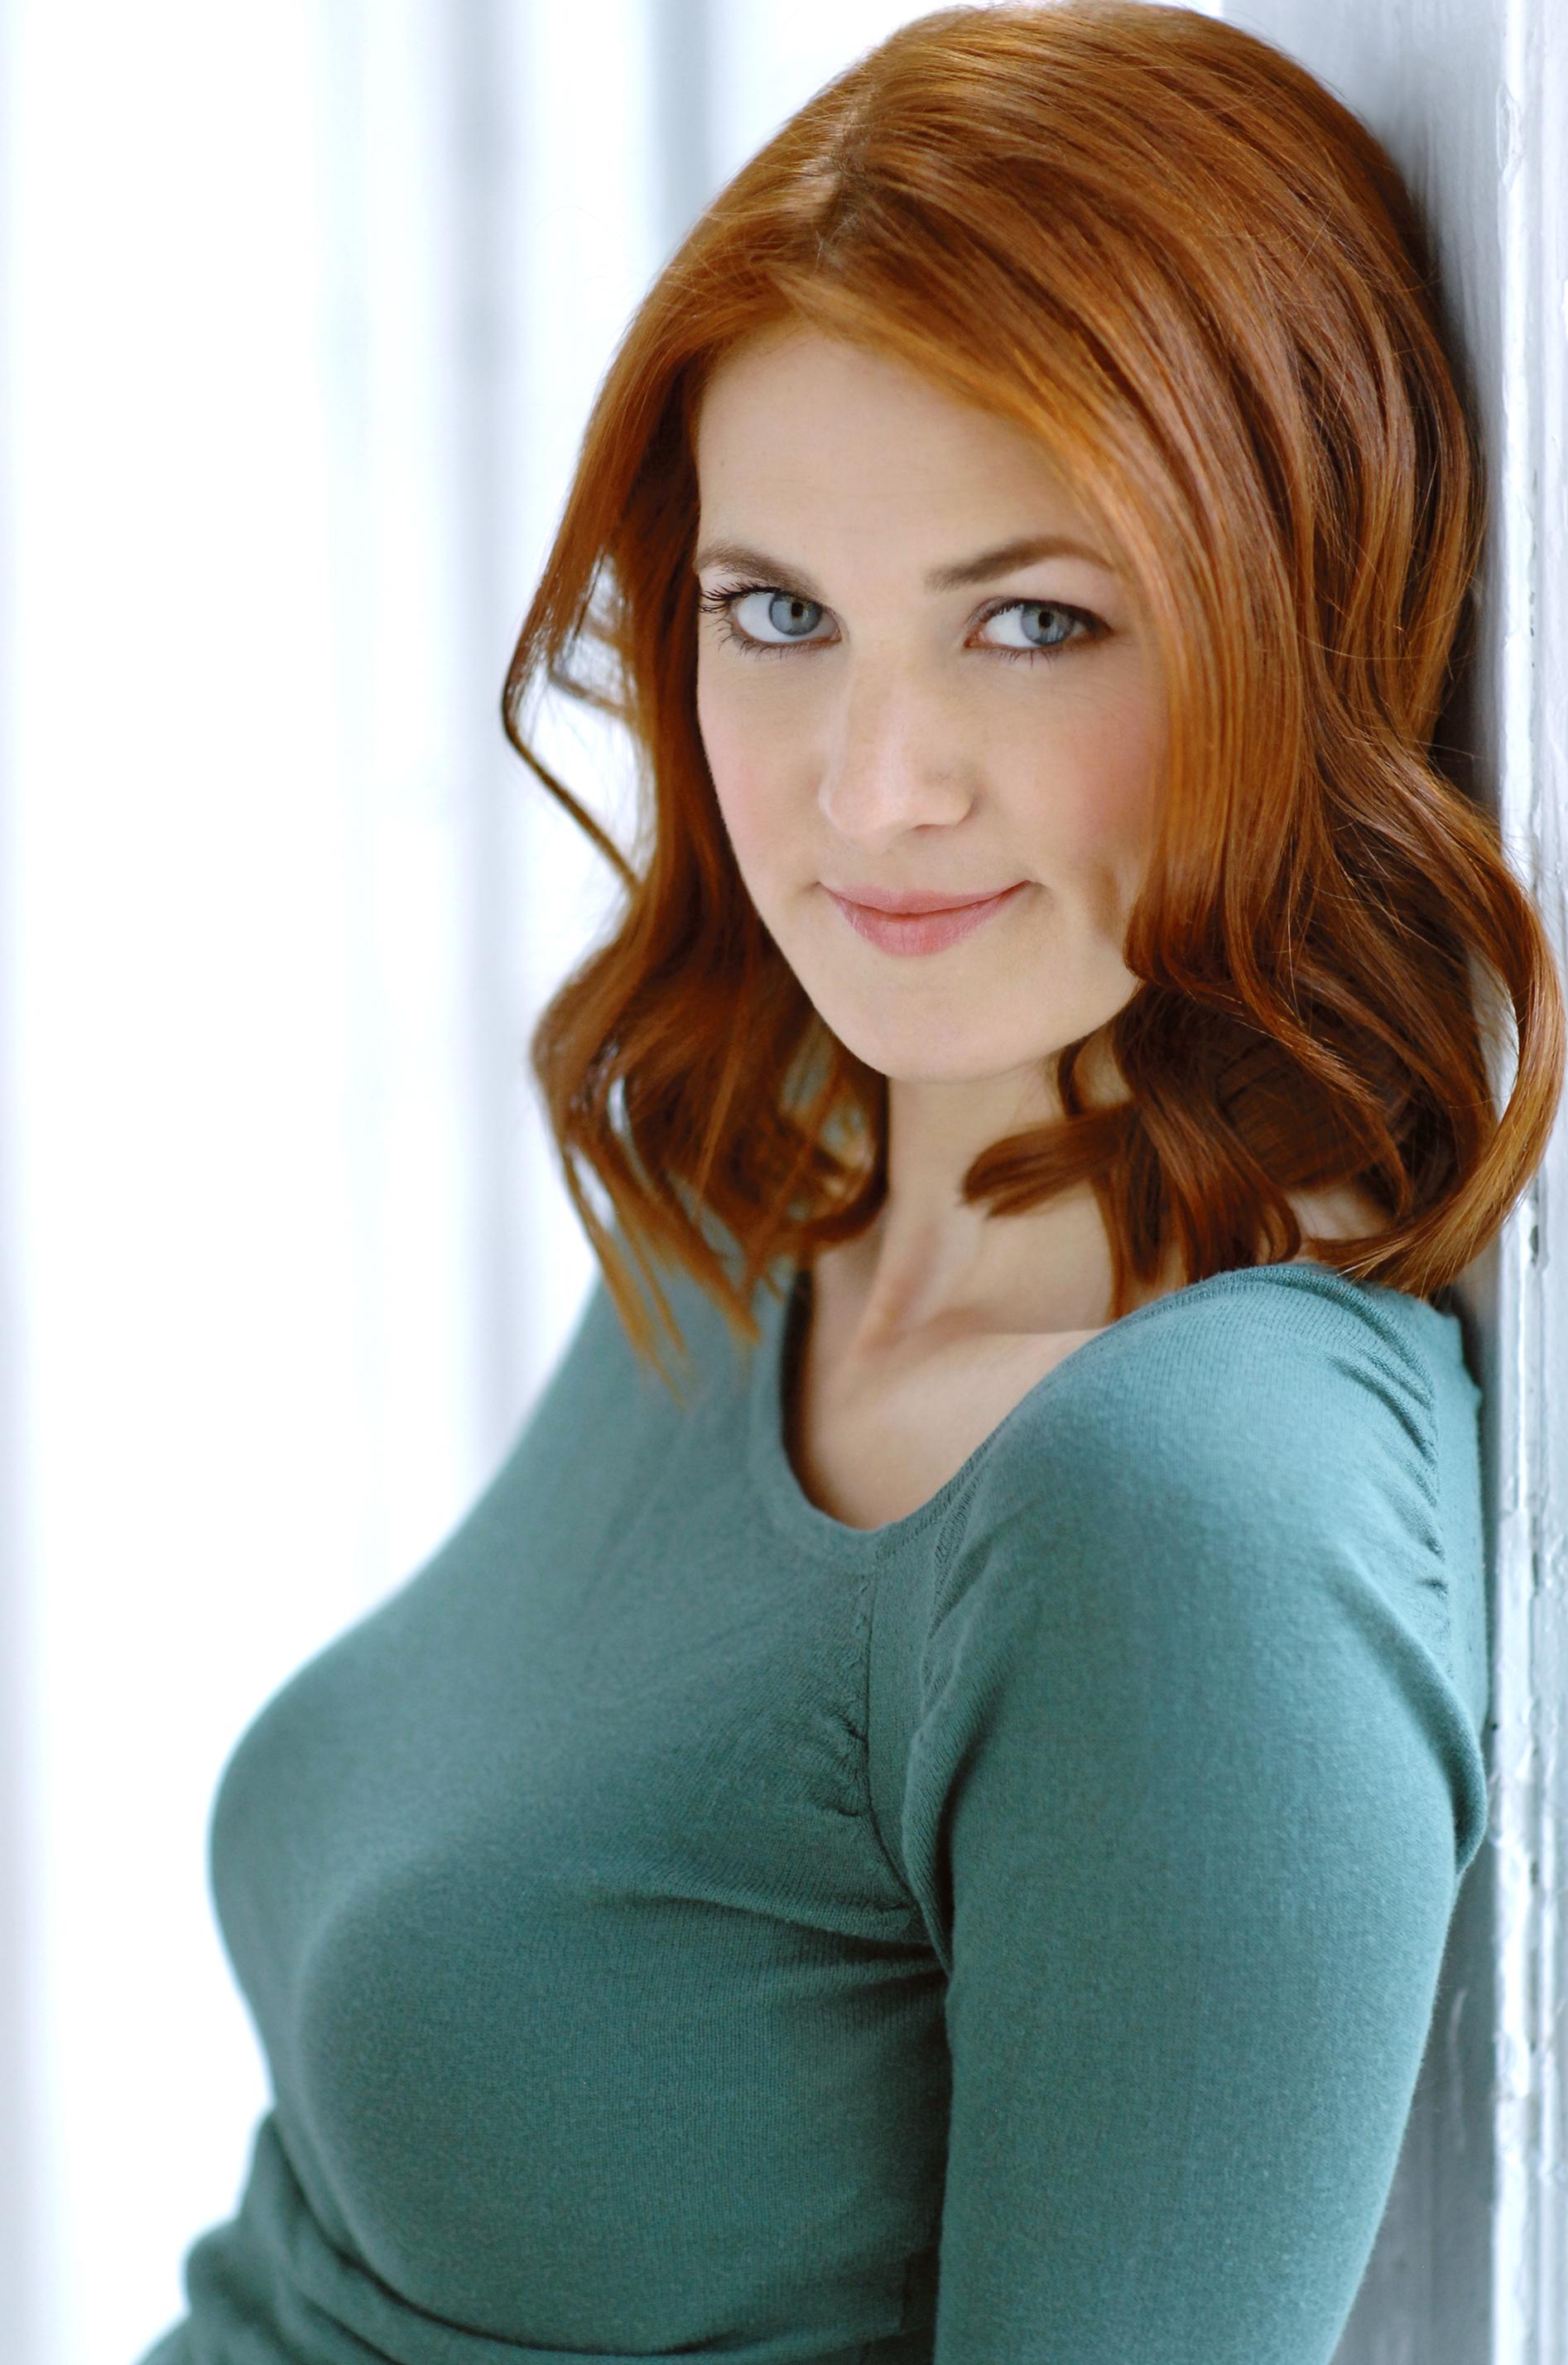 Megan Burns Actress Kelly Anne Burns is an Actress